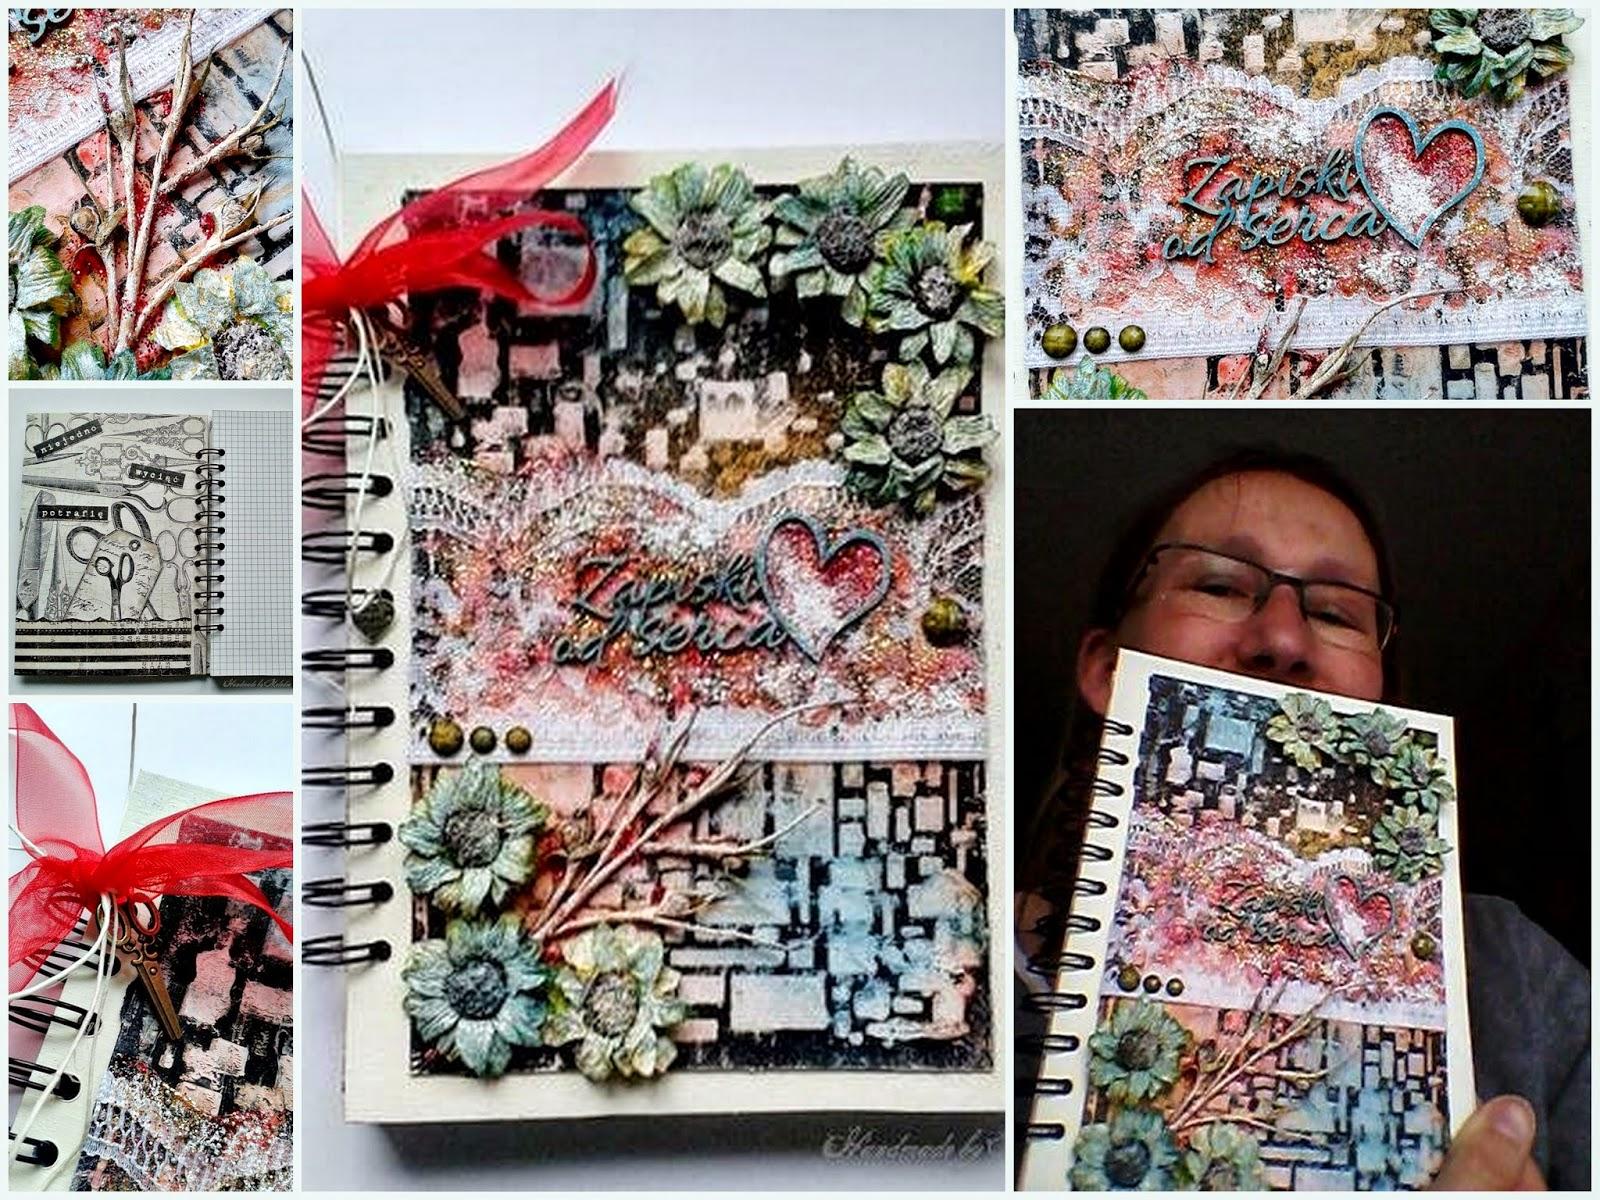 kliknij w to zdjęcie aby przenieść się na bloga Doti i poznać więcej jej prac